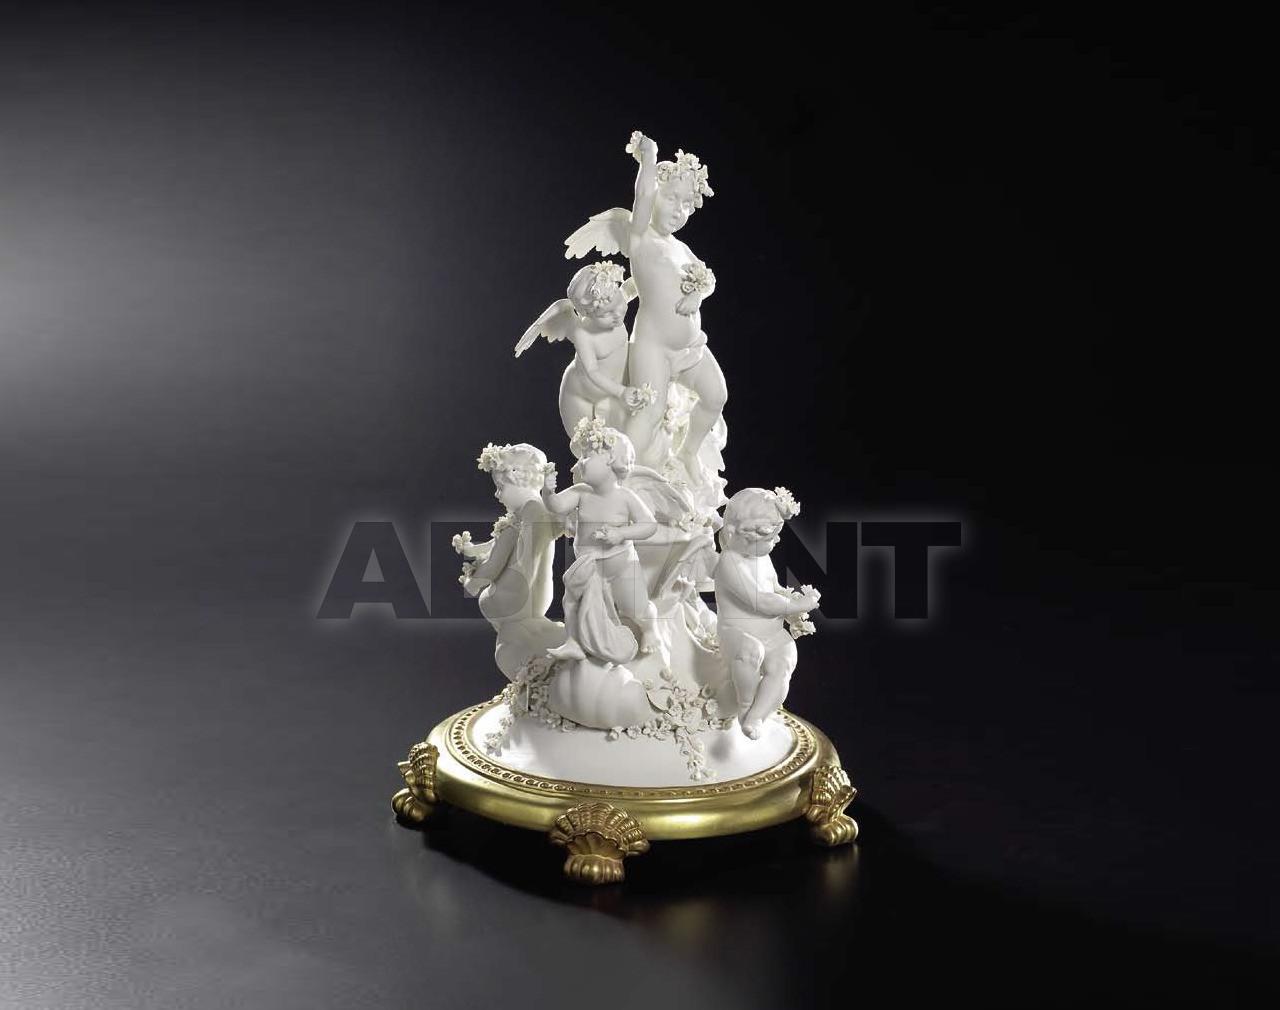 Купить Статуэтка ANGEL HARMONY Villari Capodimonte 0002108-007